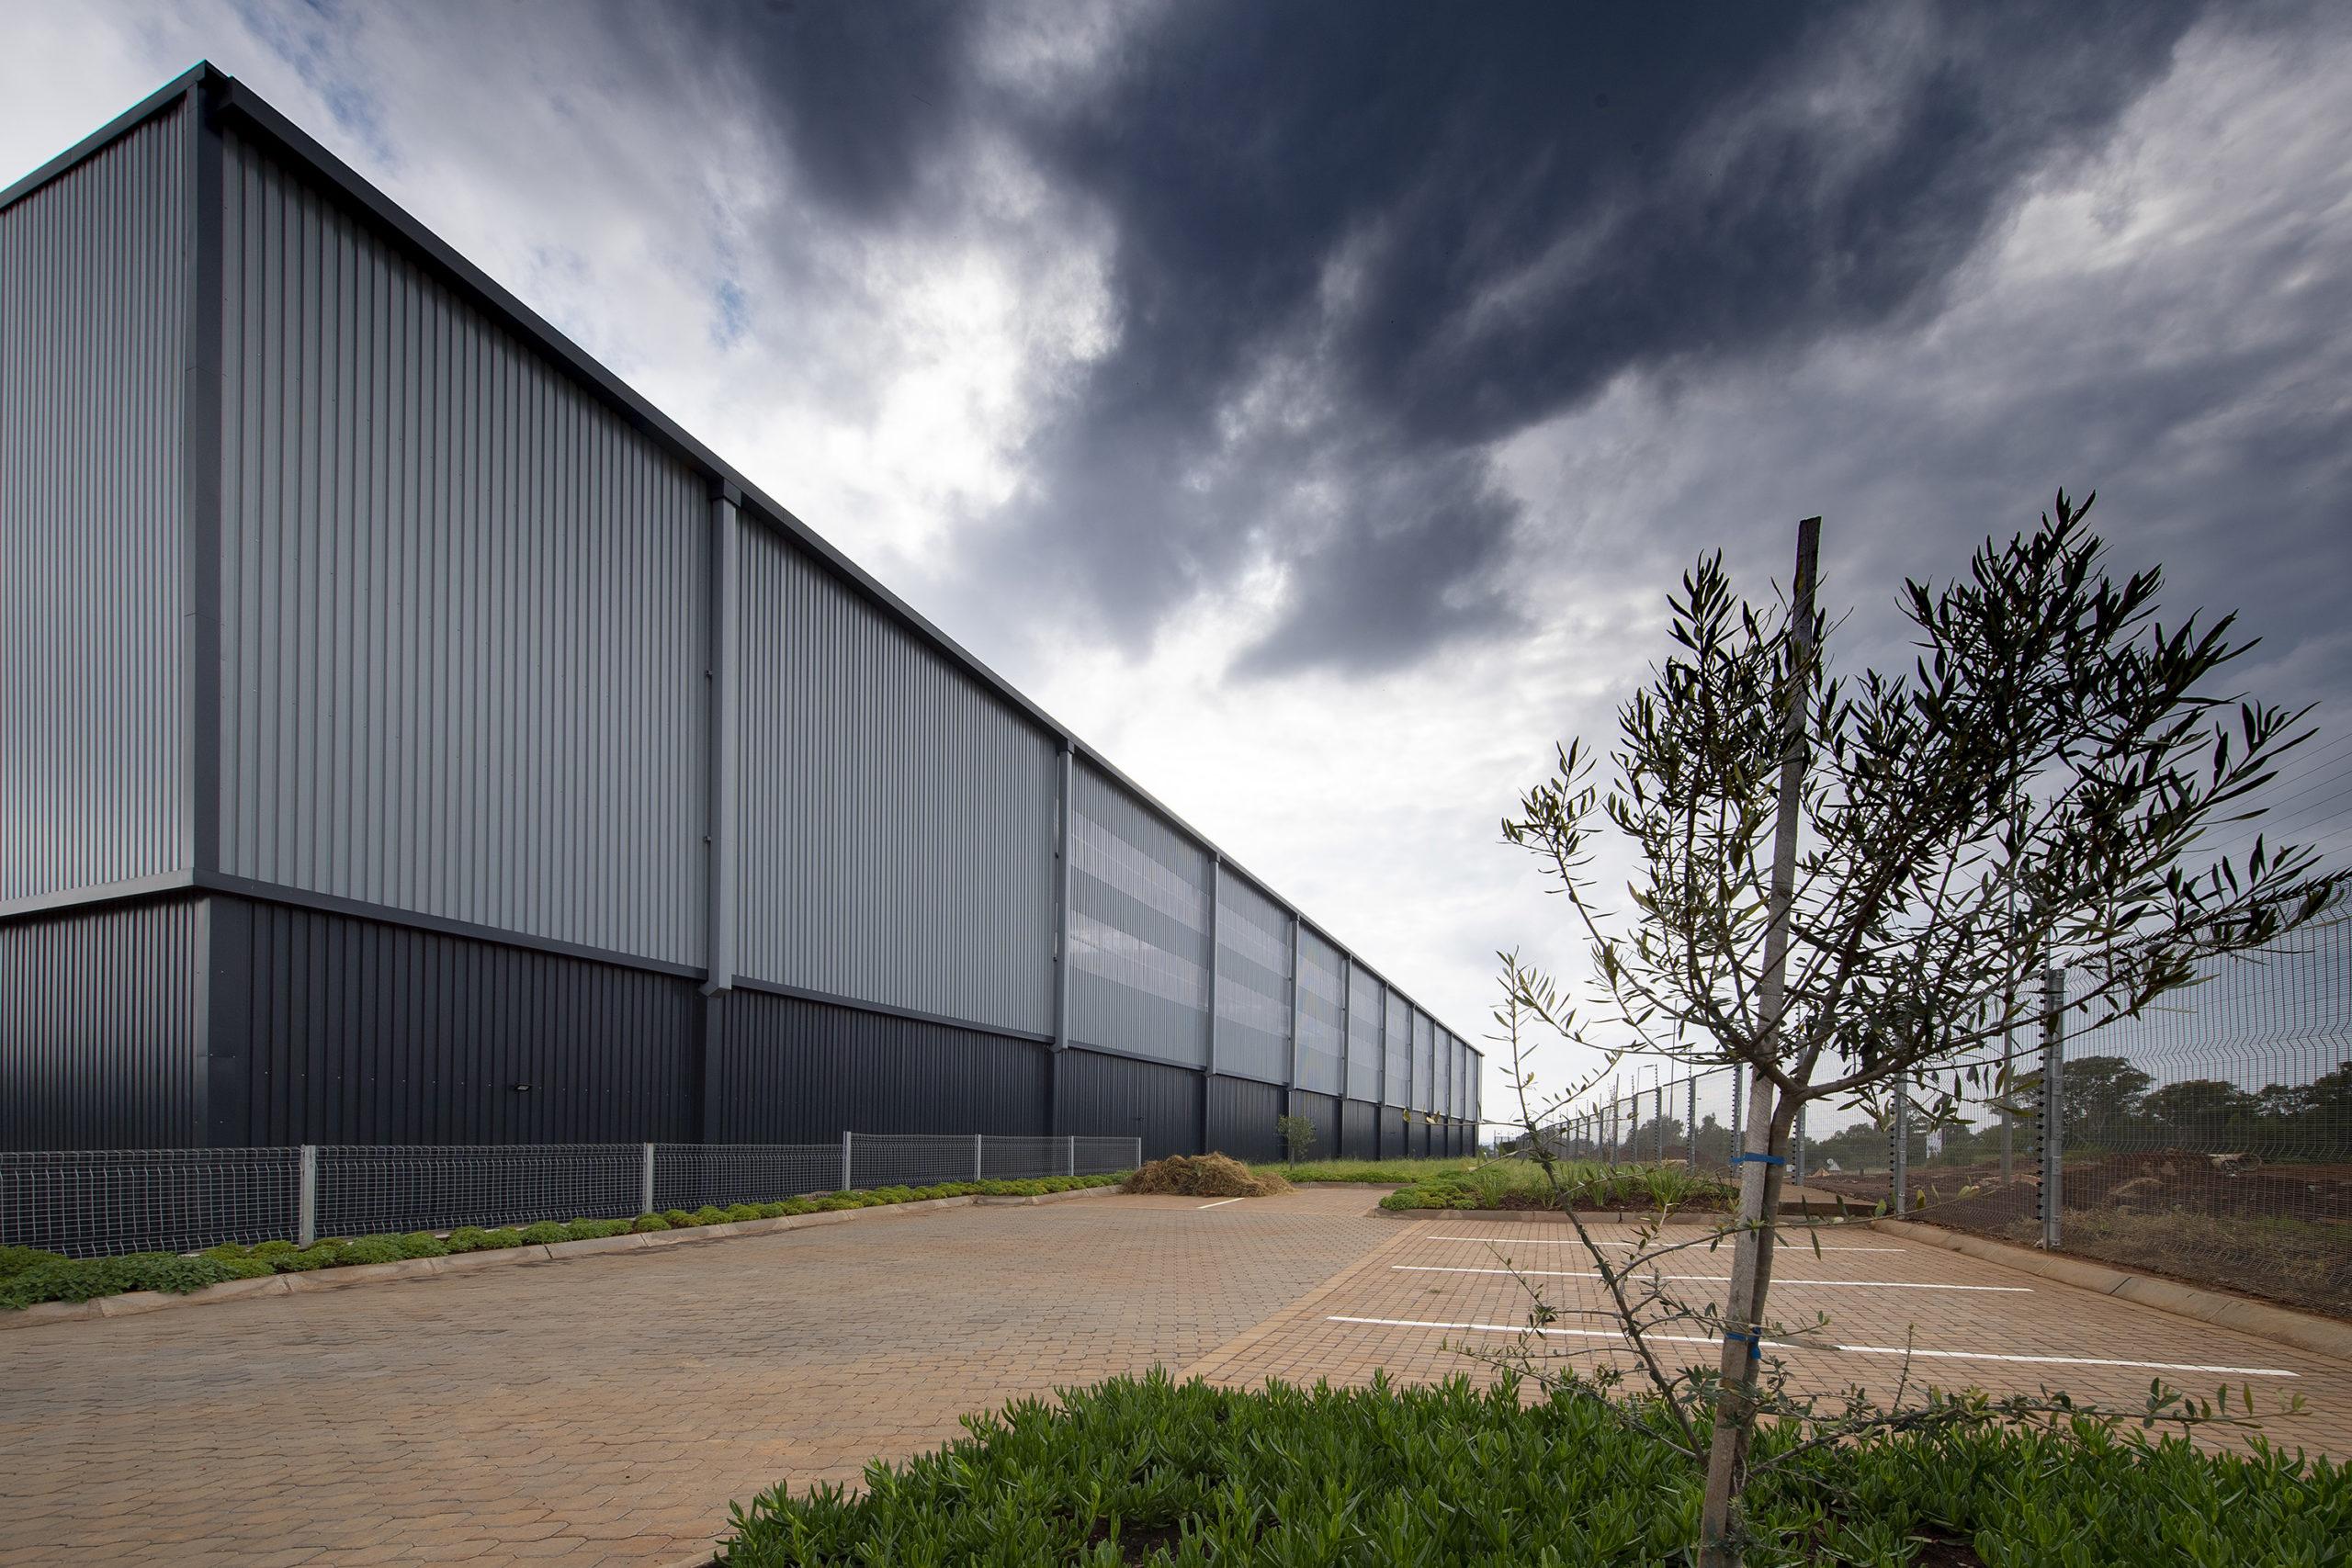 Fortress REIT – Louwlardia Logistics Park